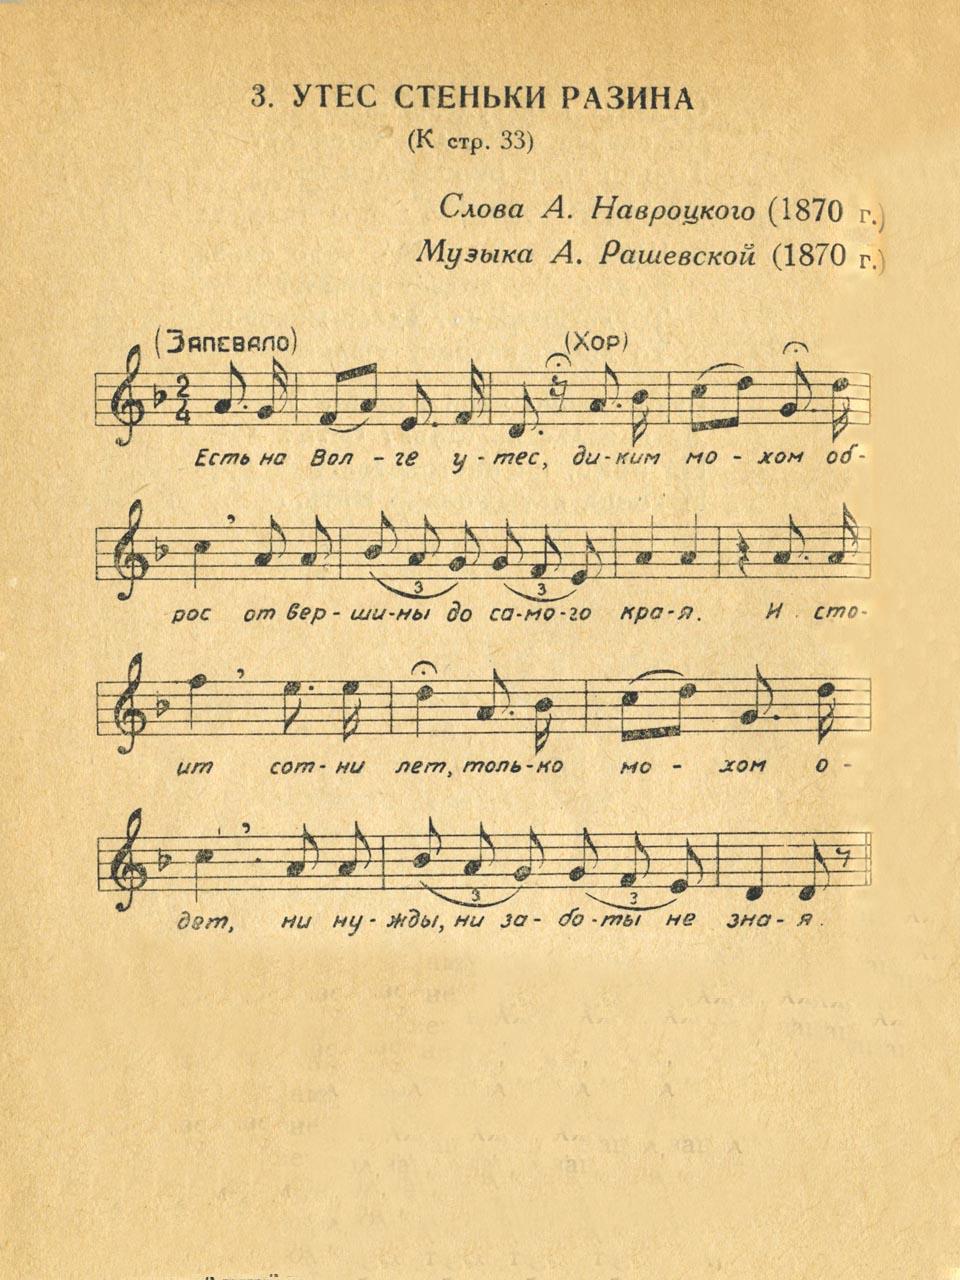 Песня «Утёс Стеньки Разина». Ноты для голоса